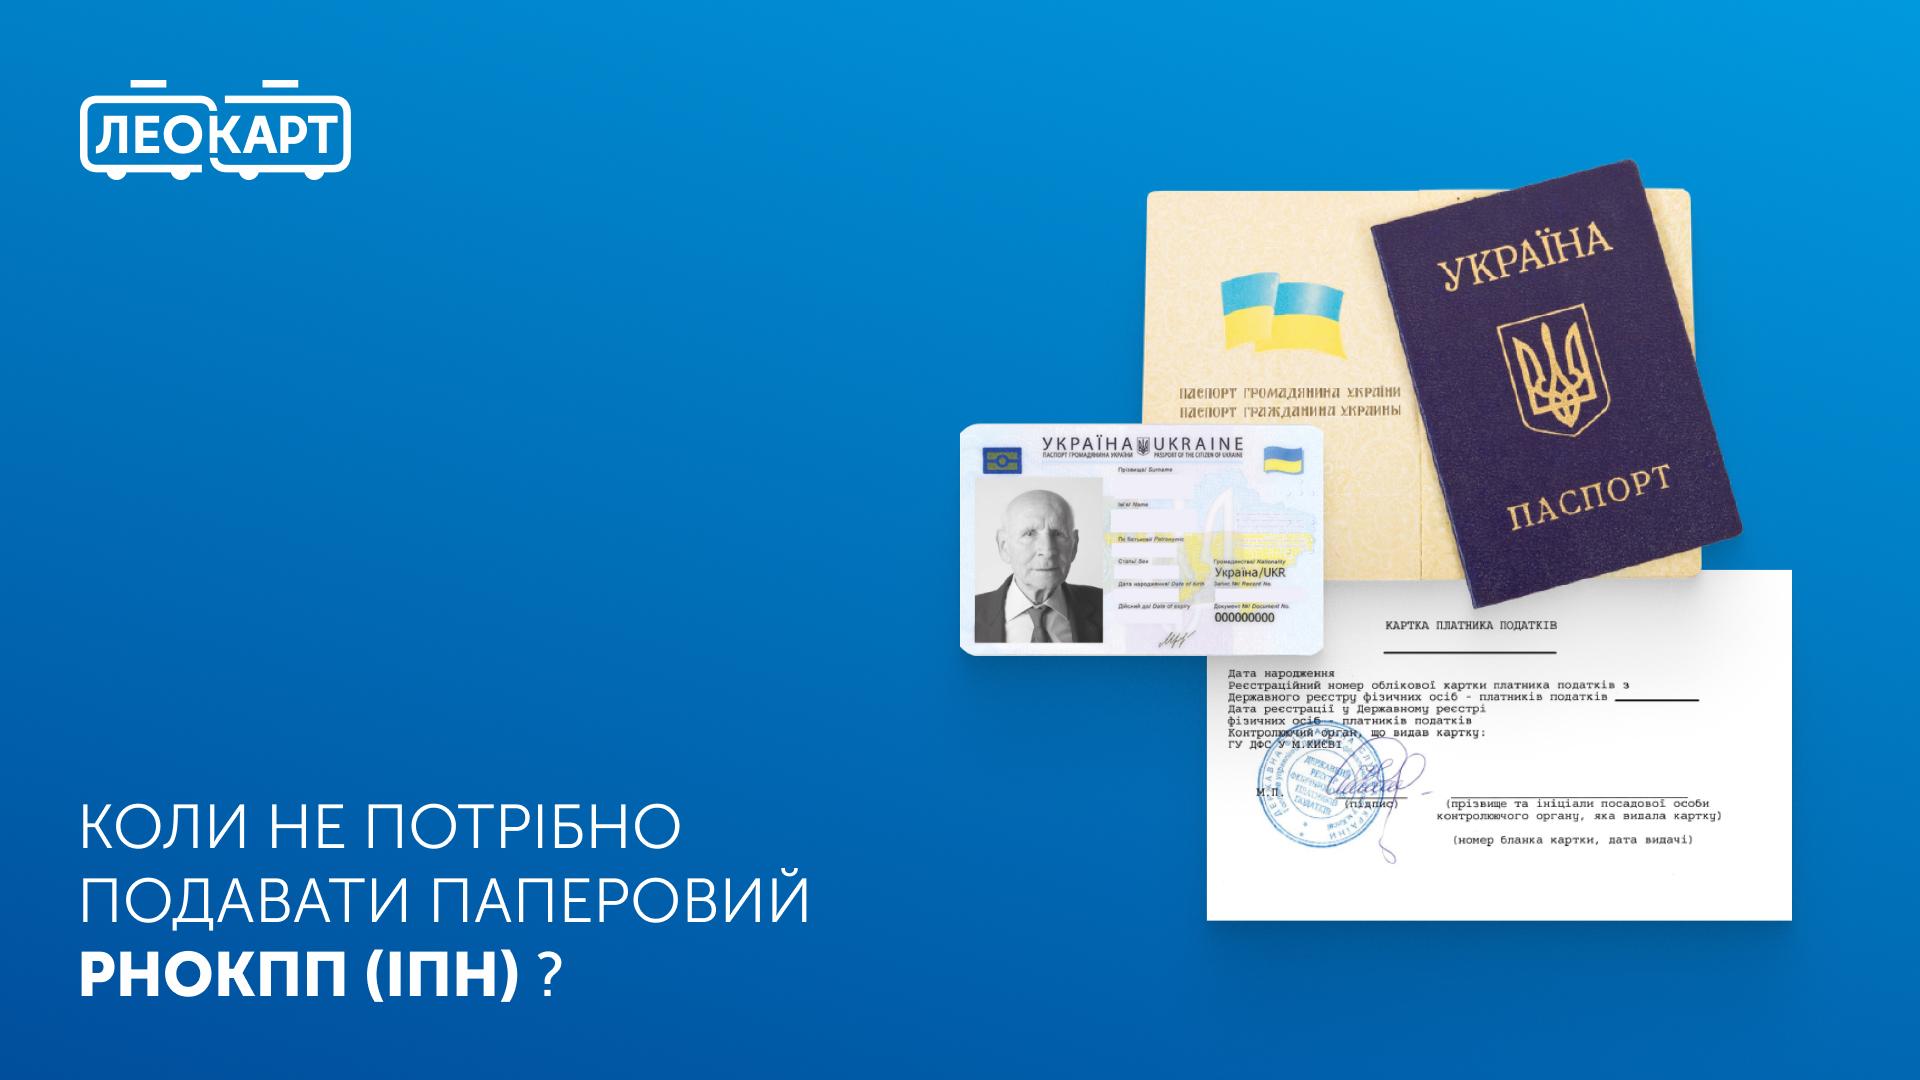 РНОКПП – коли не потрібно подавати паперовий ідентифіційний номер платника податків?